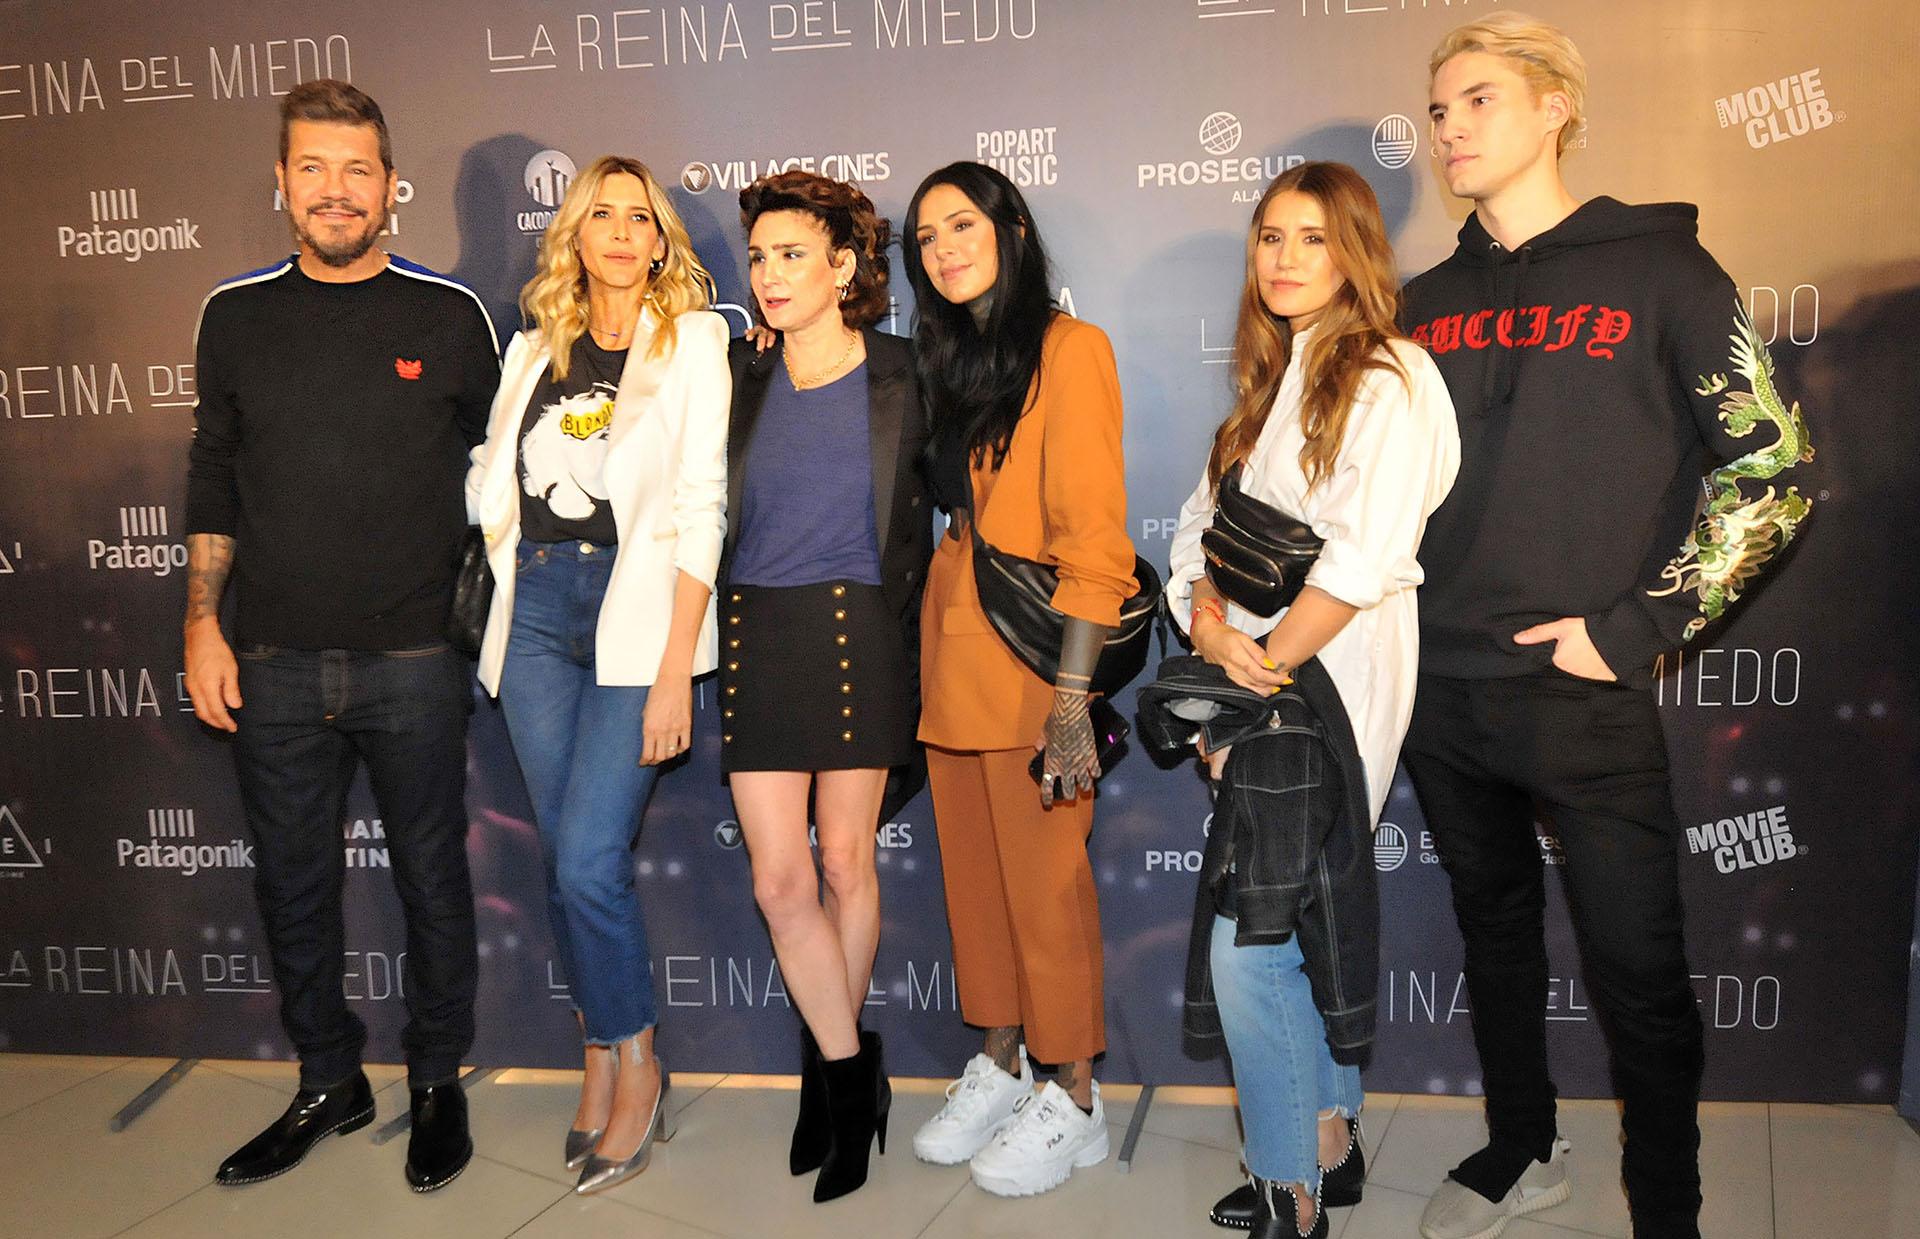 Guillermina Valdes, Valeria Bertuccelli, junto con Marcelo Tinelli y sus hijos Candelaria, Micaela y Francisco (Verónica Guerman / Teleshow)